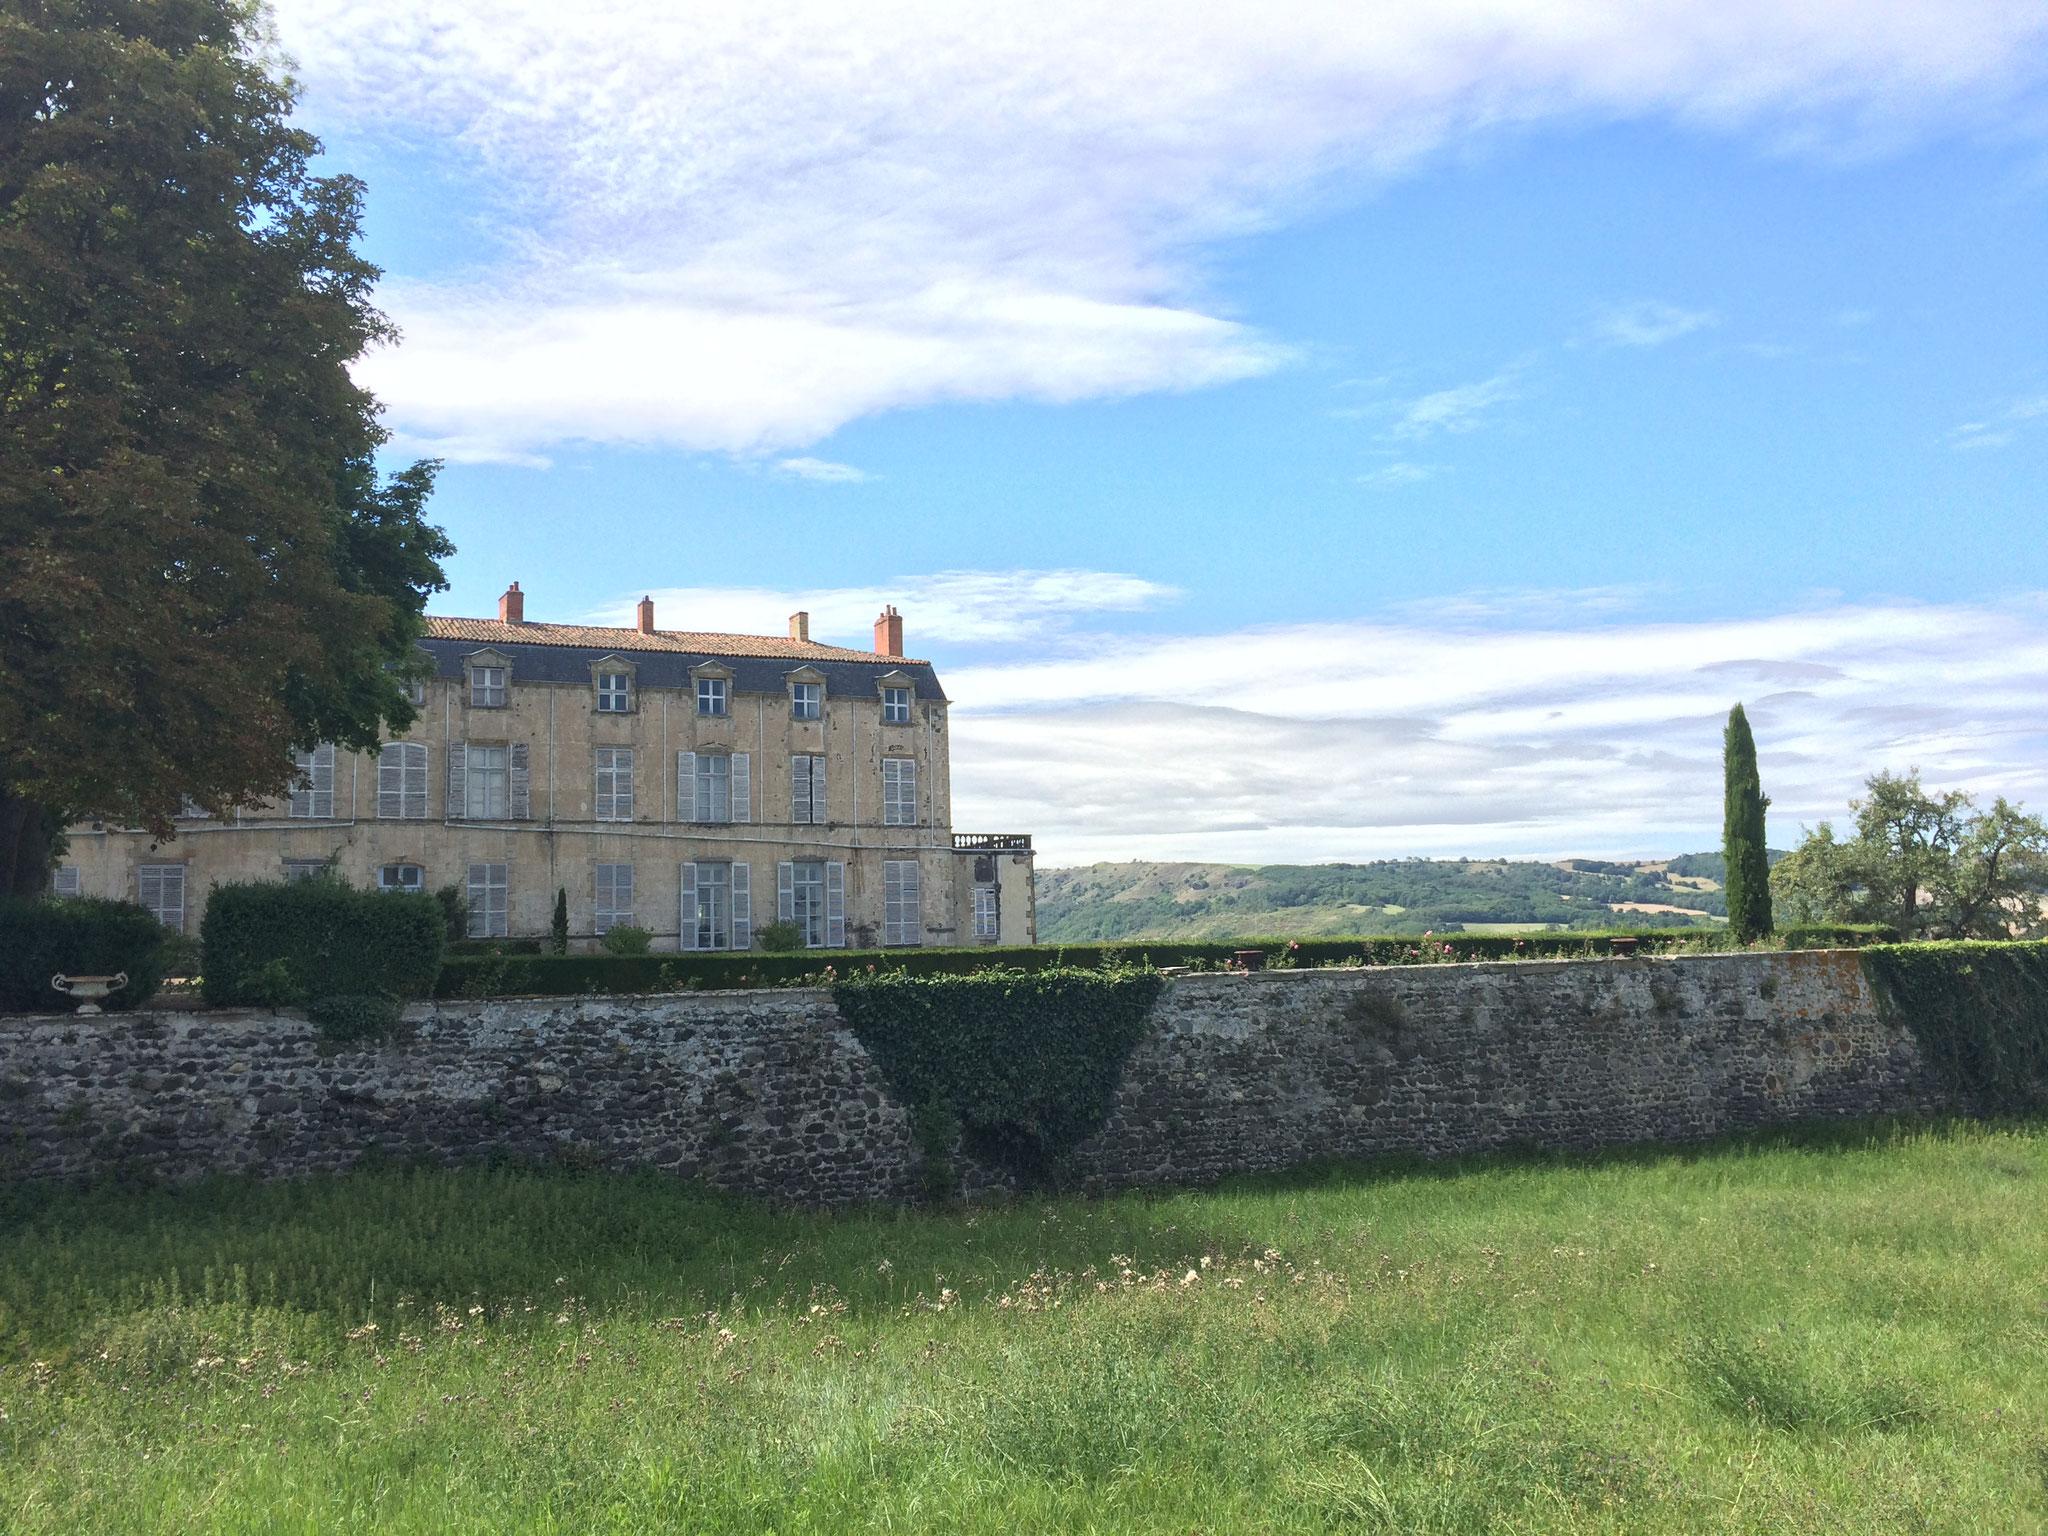 Le château de Hauterive, à 25 minutes de La Villa Victoria Auvergne.